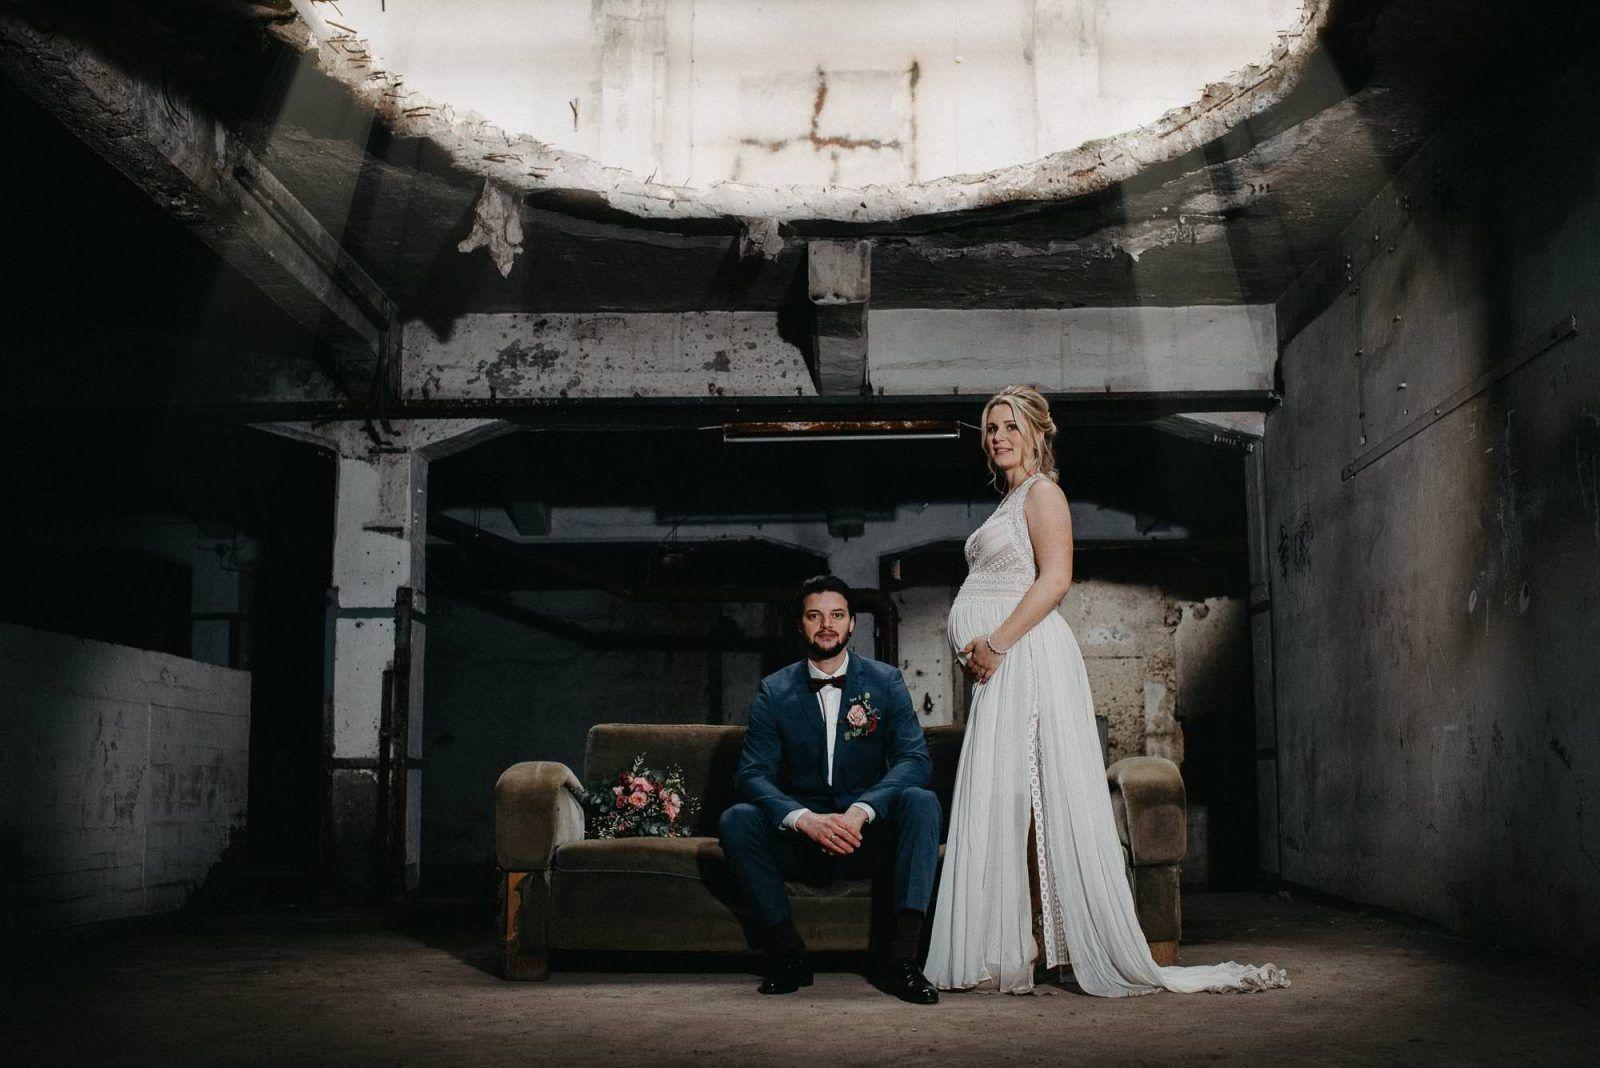 Hochzeitsfotograf Siegburg Fotograf Sven Palm Fr